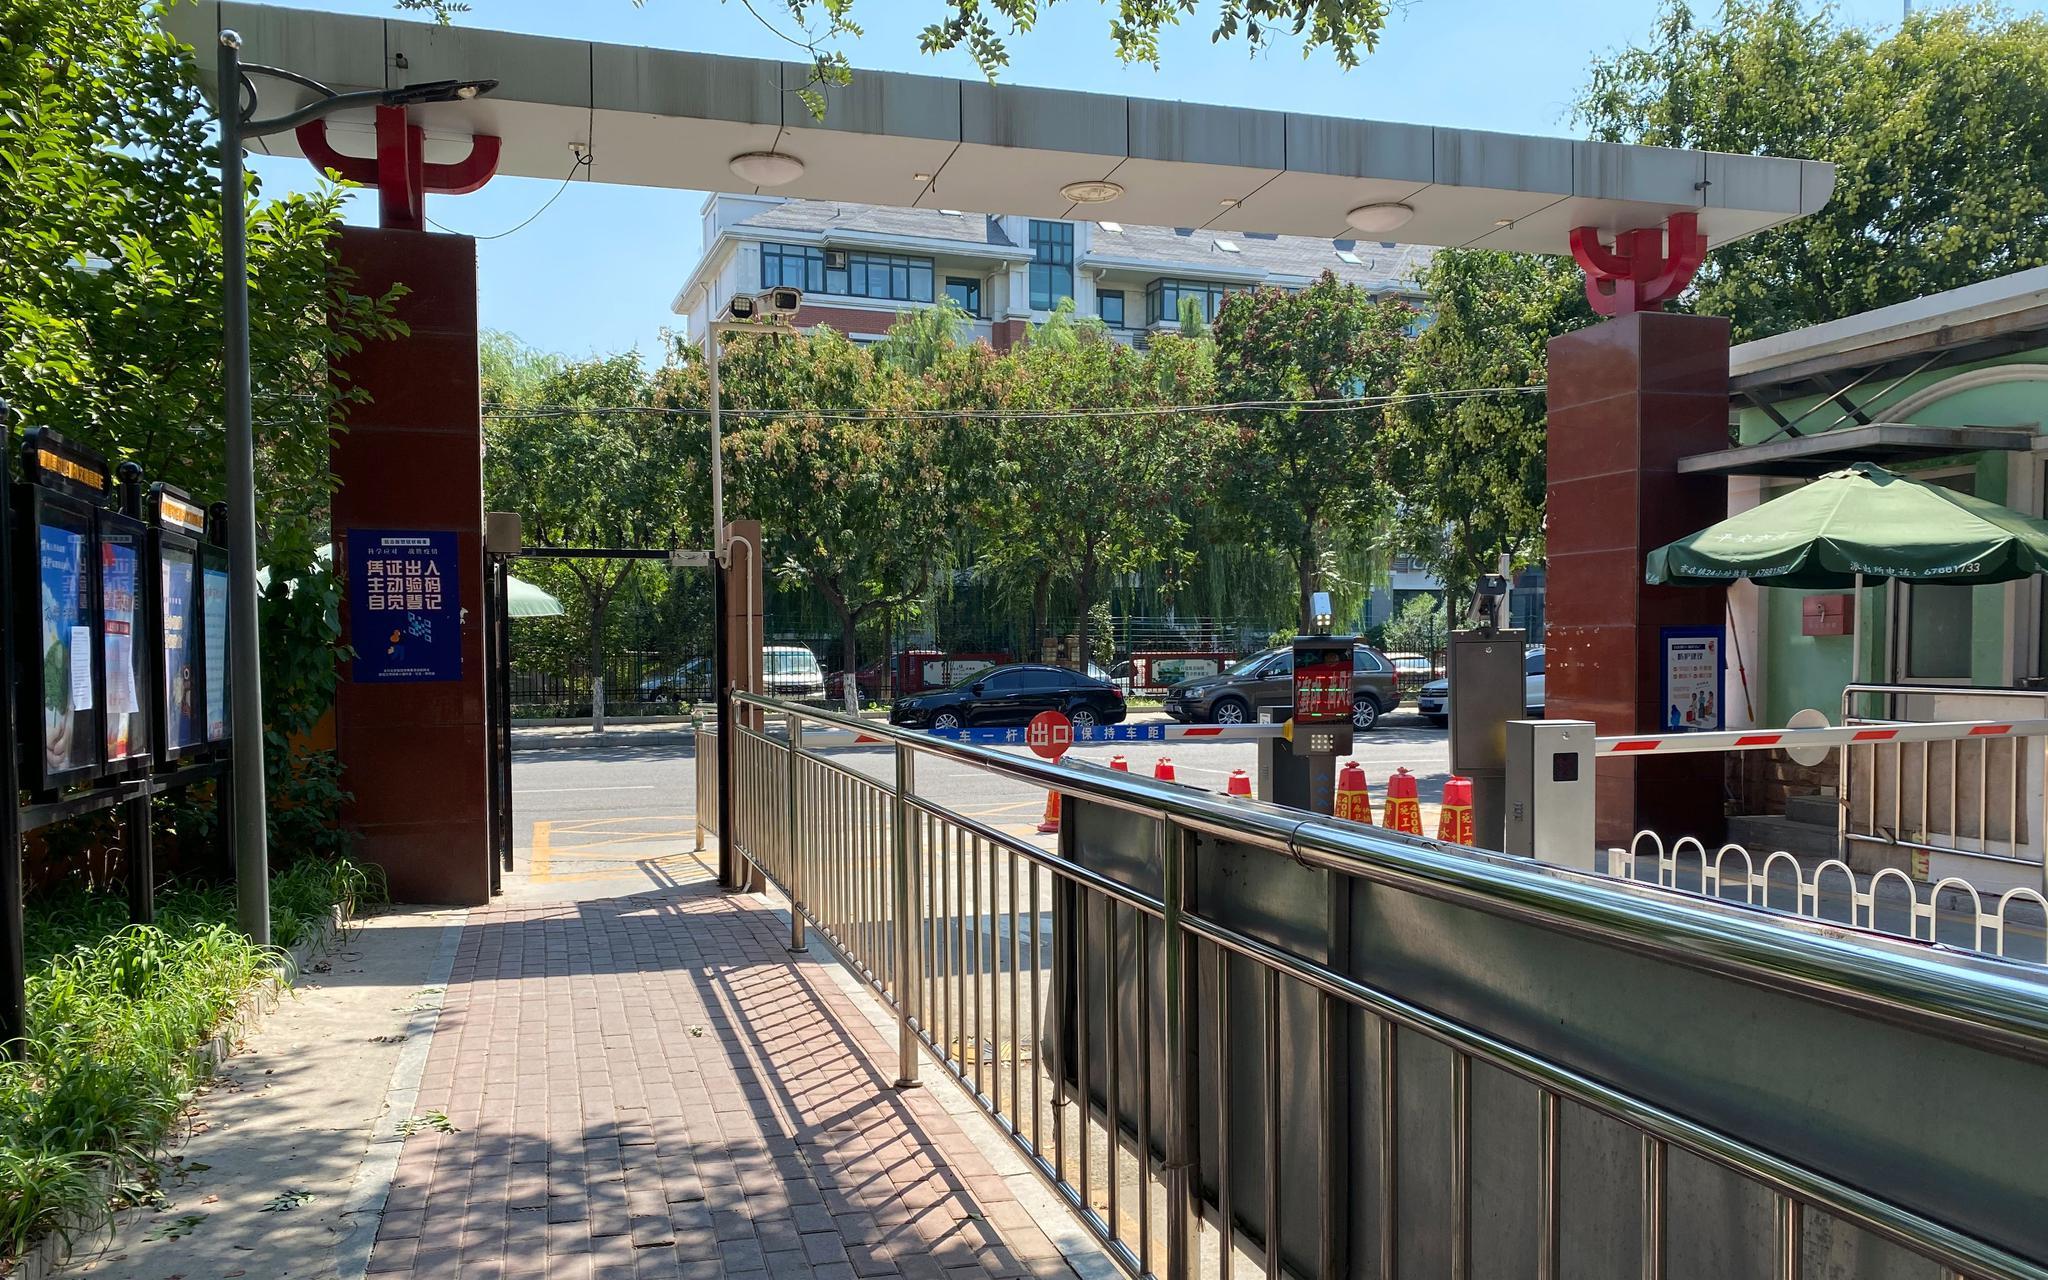 北京部分小区因疫情防控设置的围挡已拆除│记者探访